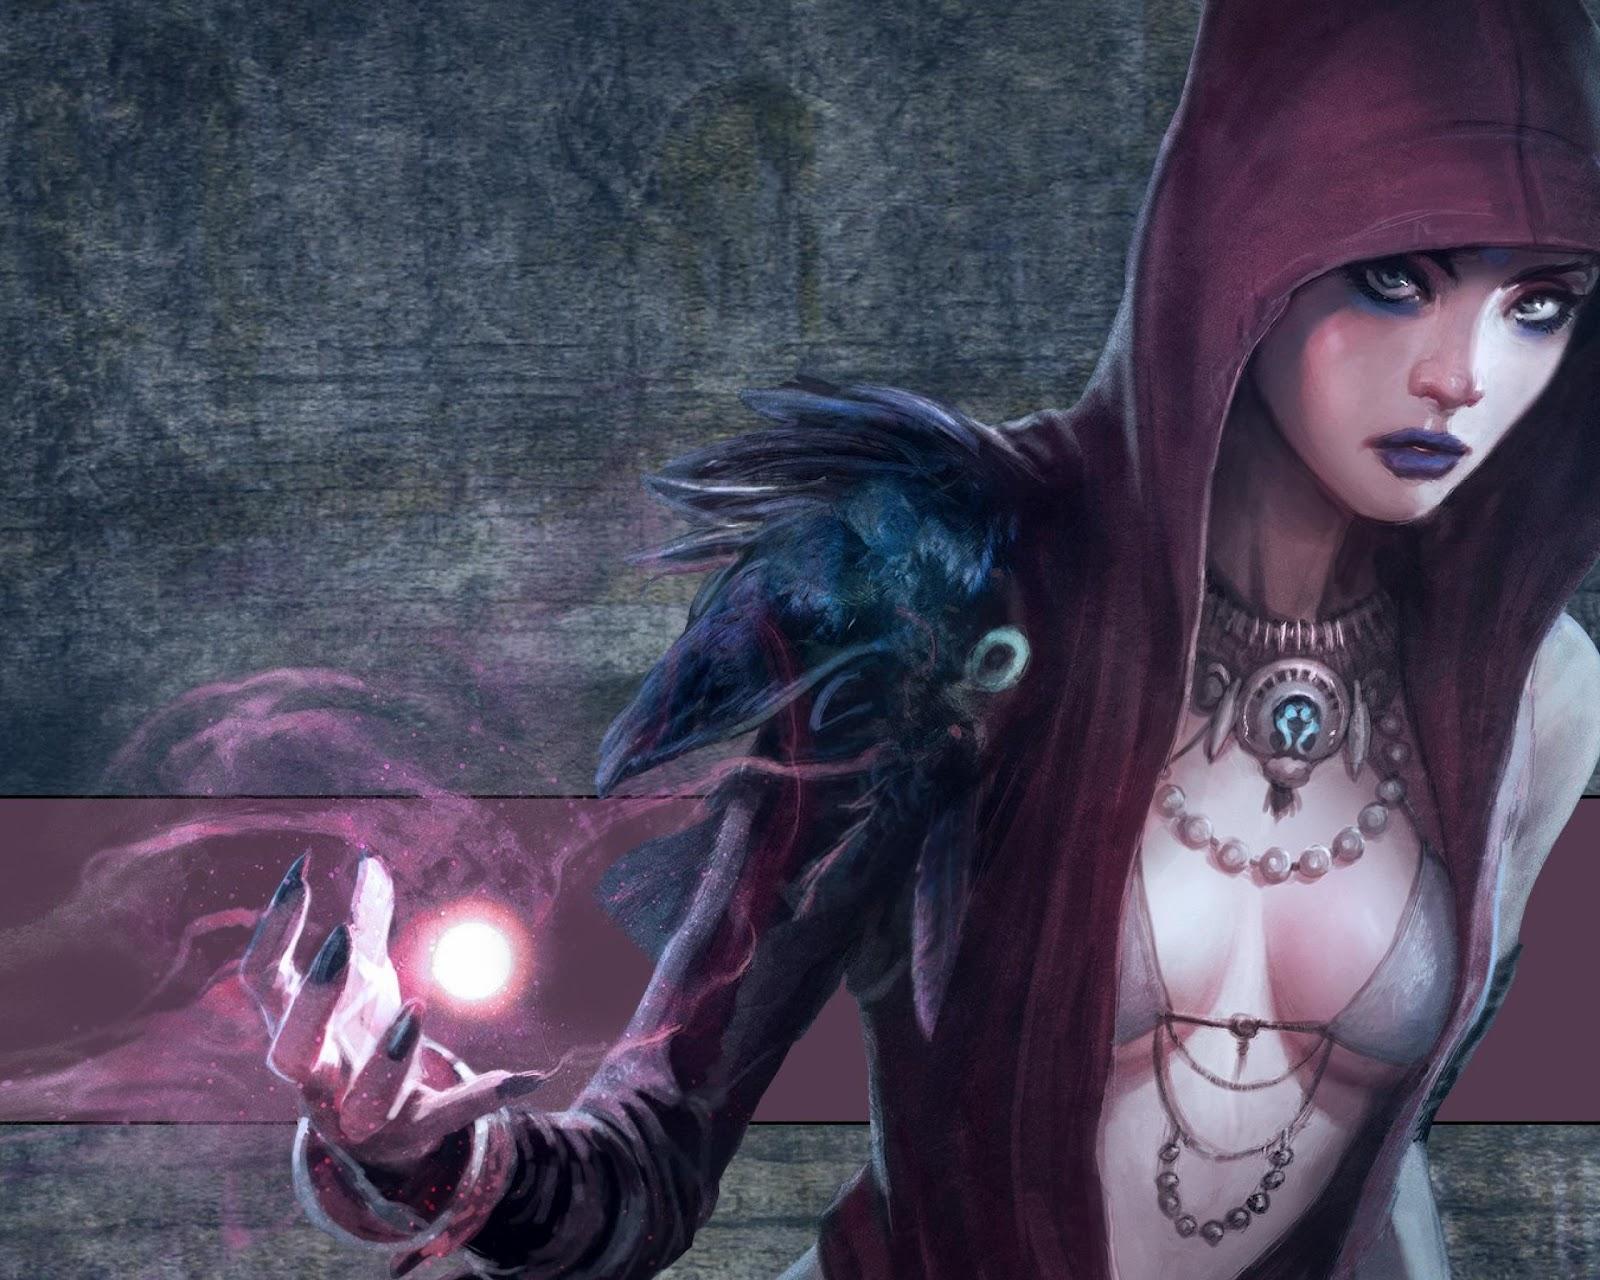 http://4.bp.blogspot.com/-a1HO1TEYl9E/UDIArlVOYaI/AAAAAAAAF6A/odbZO9pt6eI/s1600/black-witch-girl-cg-anime-desktop-wallpaper-2048x2560.jpg